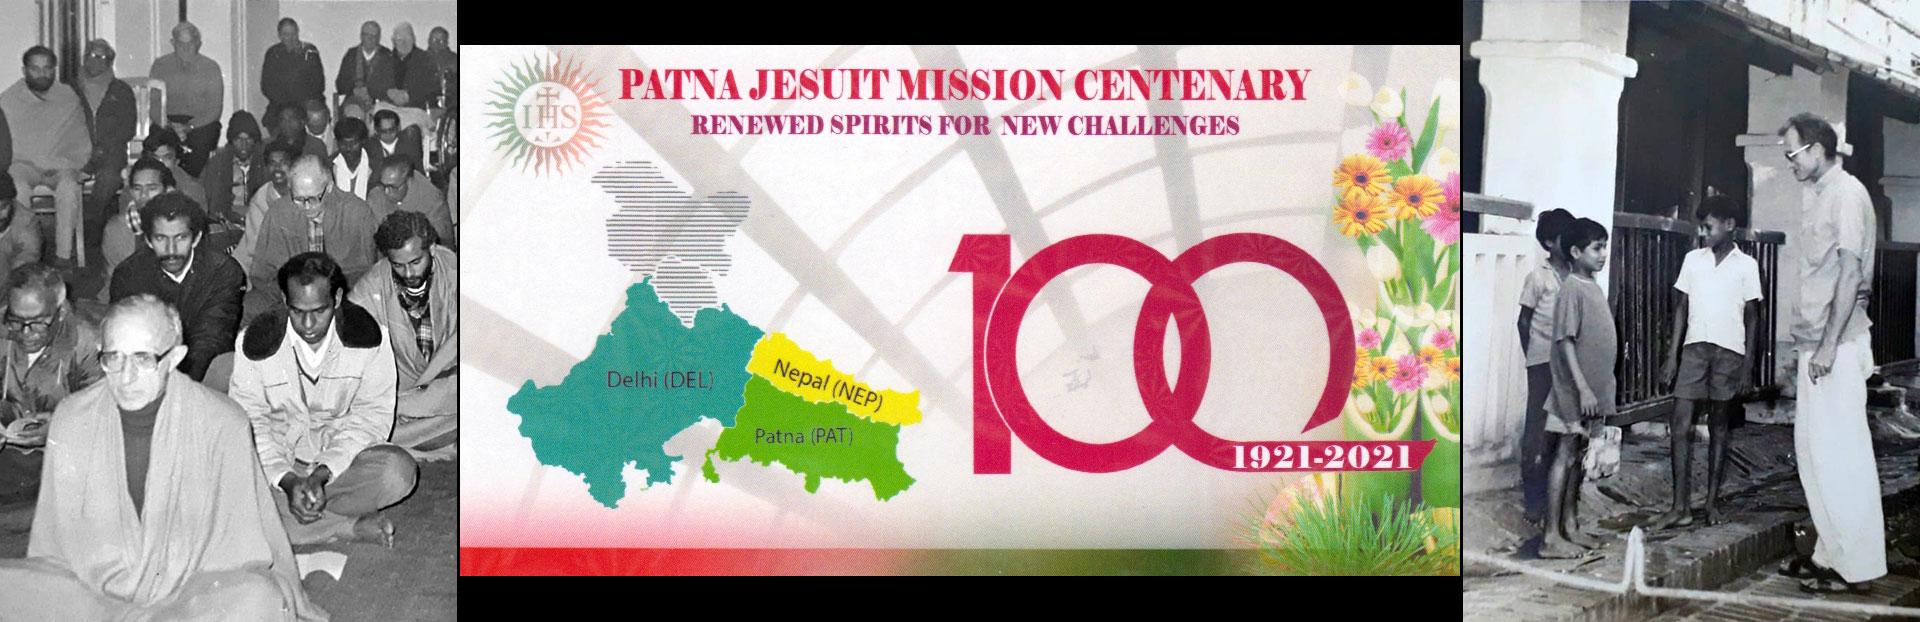 L'histoire des jésuites de Patna, en résumé ? 100 ans de bénédictions !